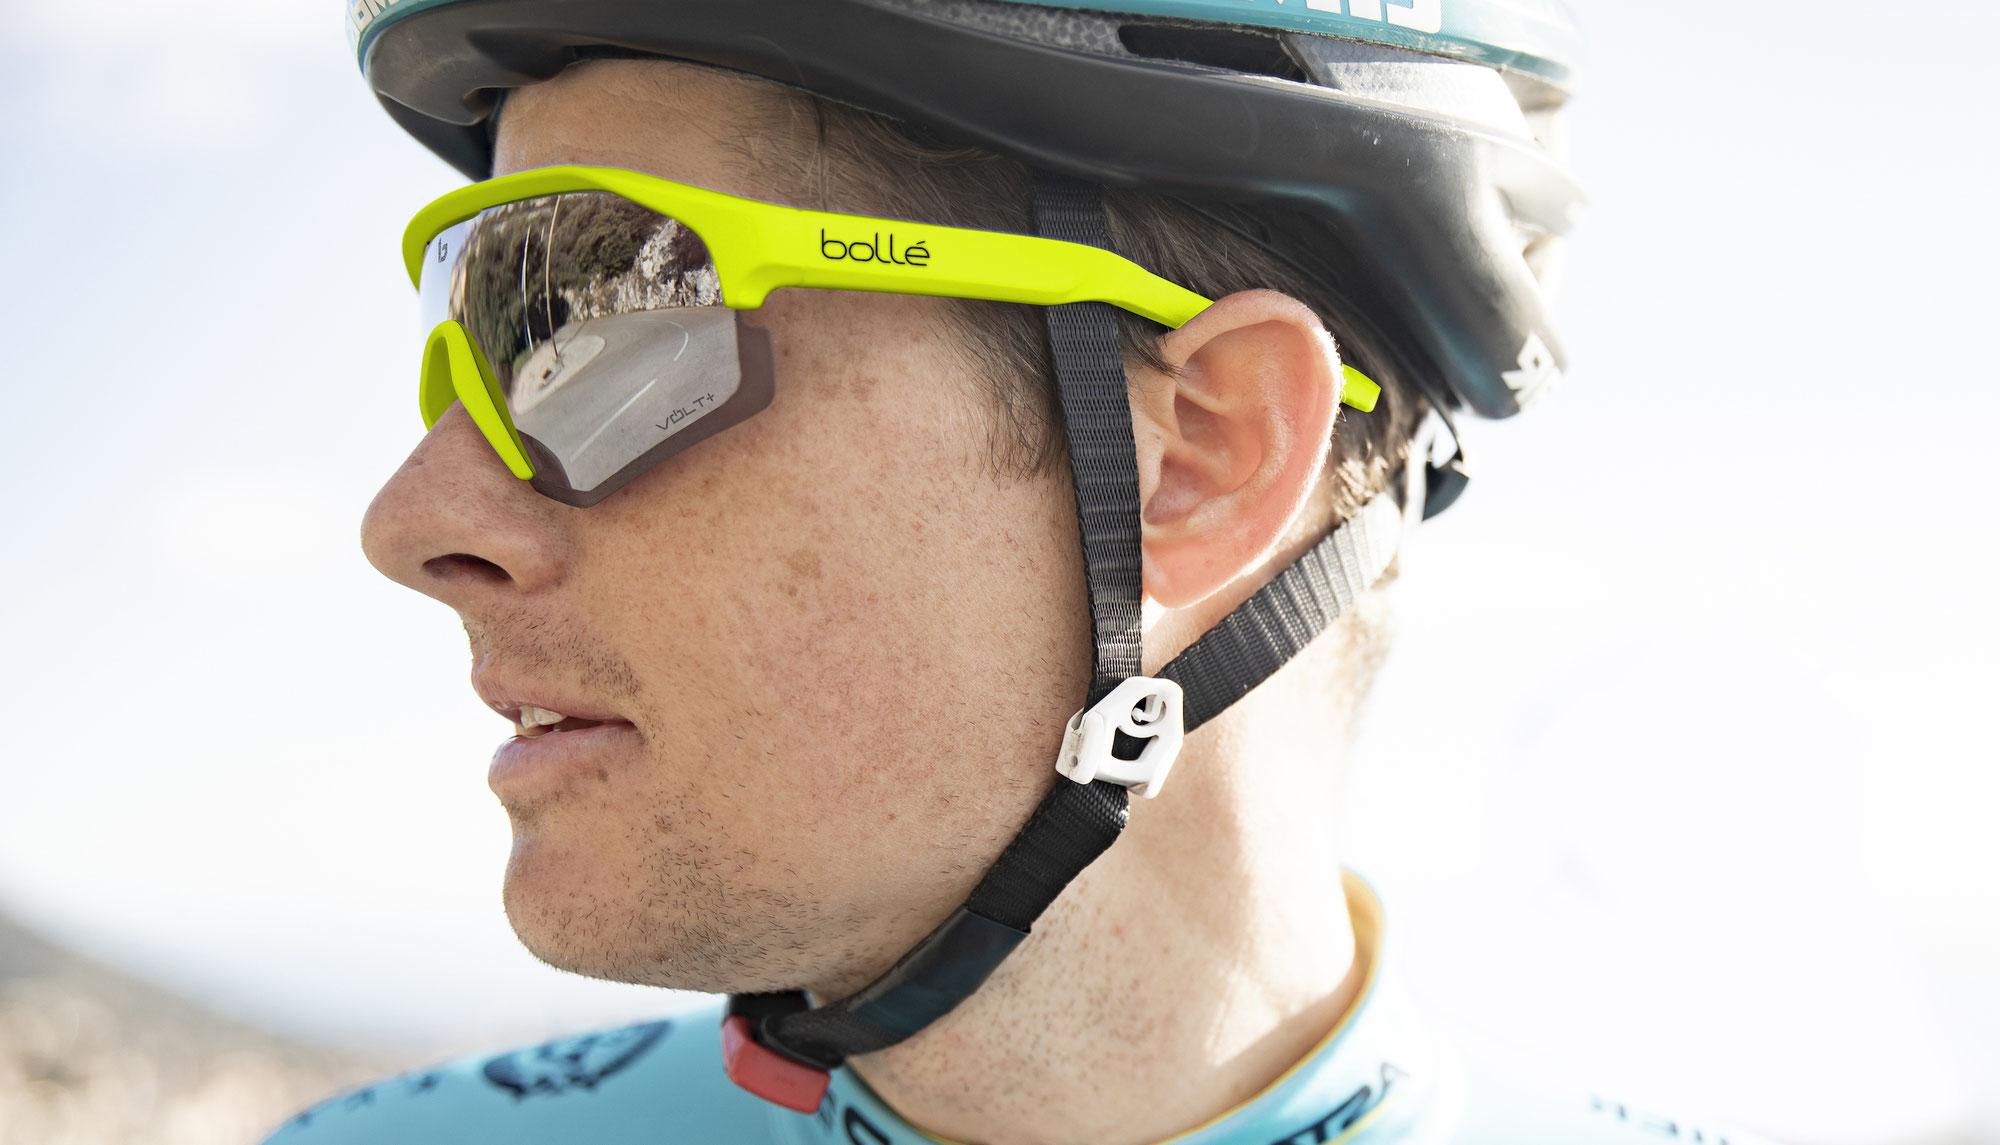 Bollé VOLT+ feiert sein Tour de France Debüt